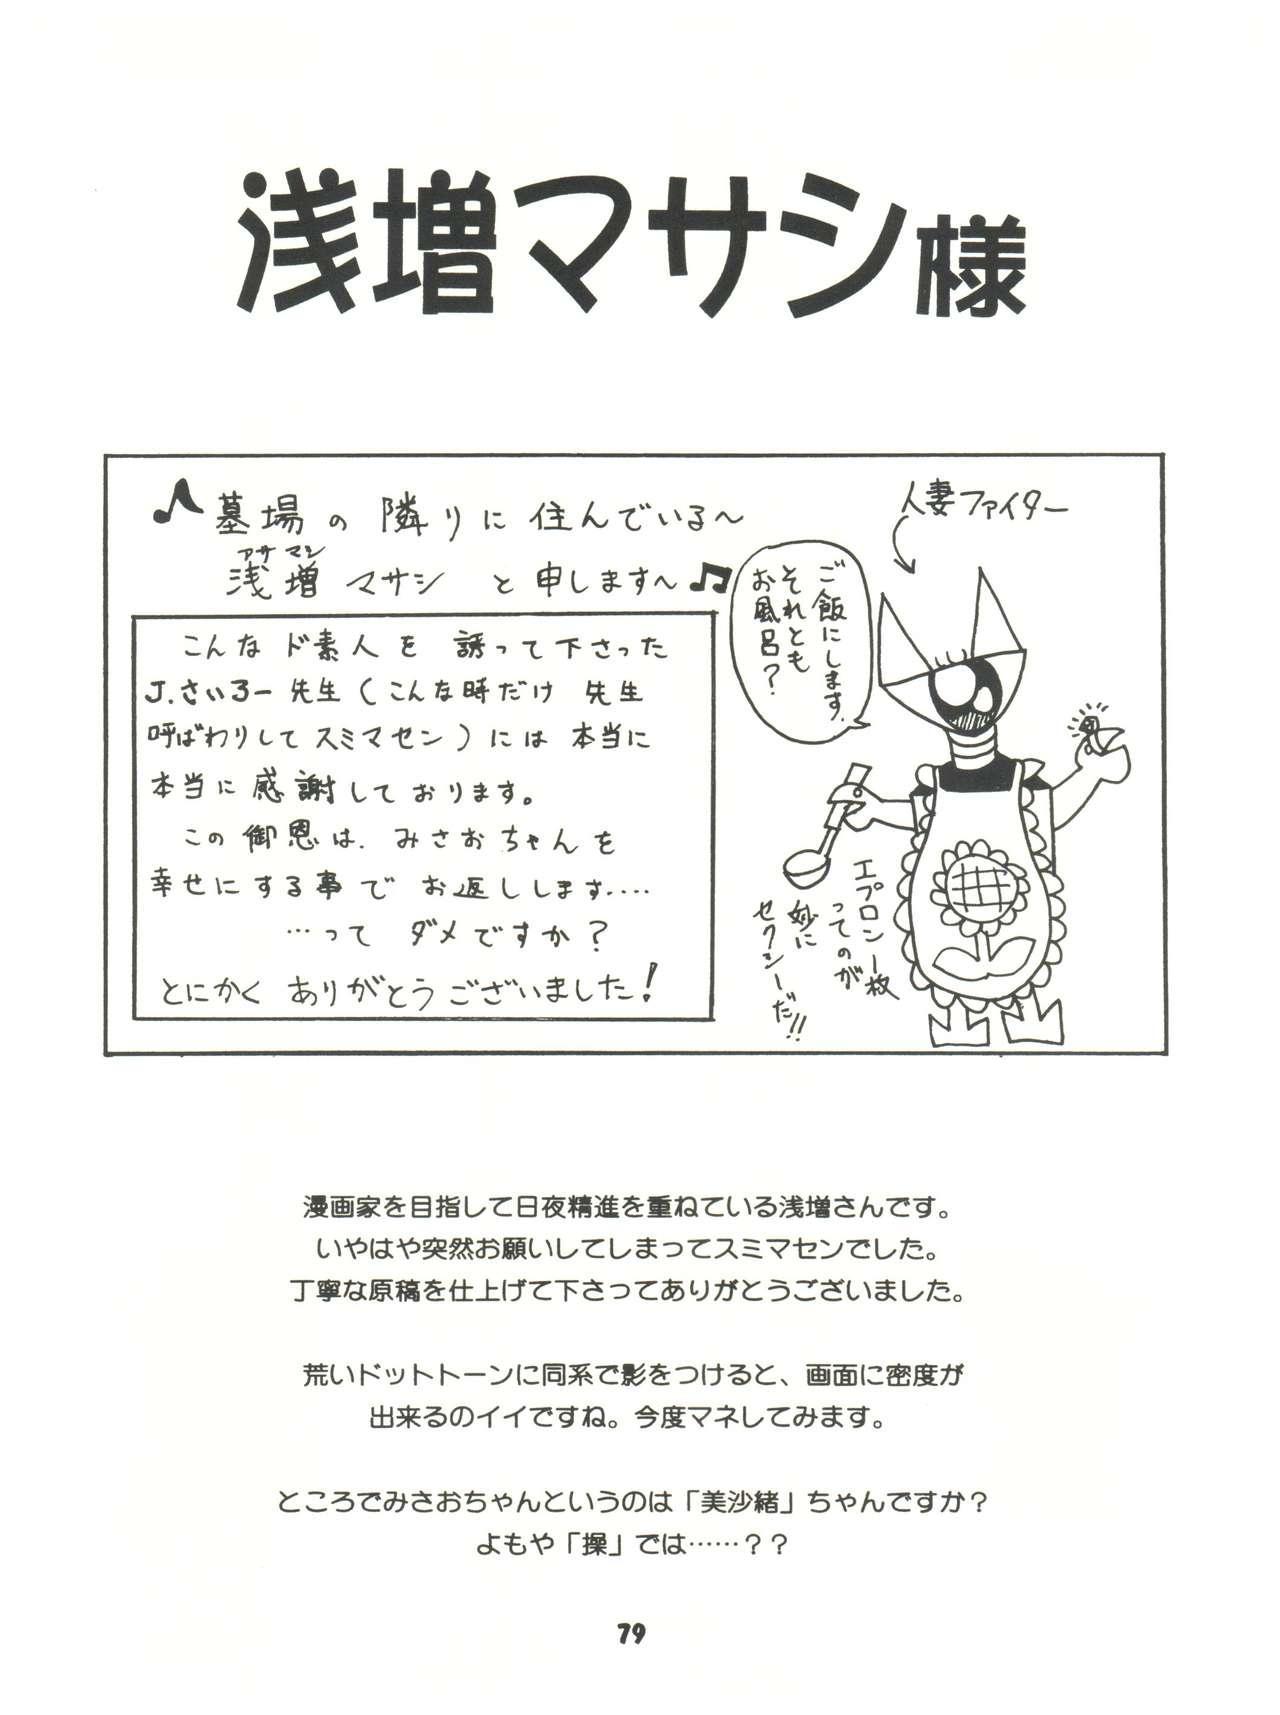 [Sairo Publishing (J. Sairo) En-Jack 2 (Various) 78